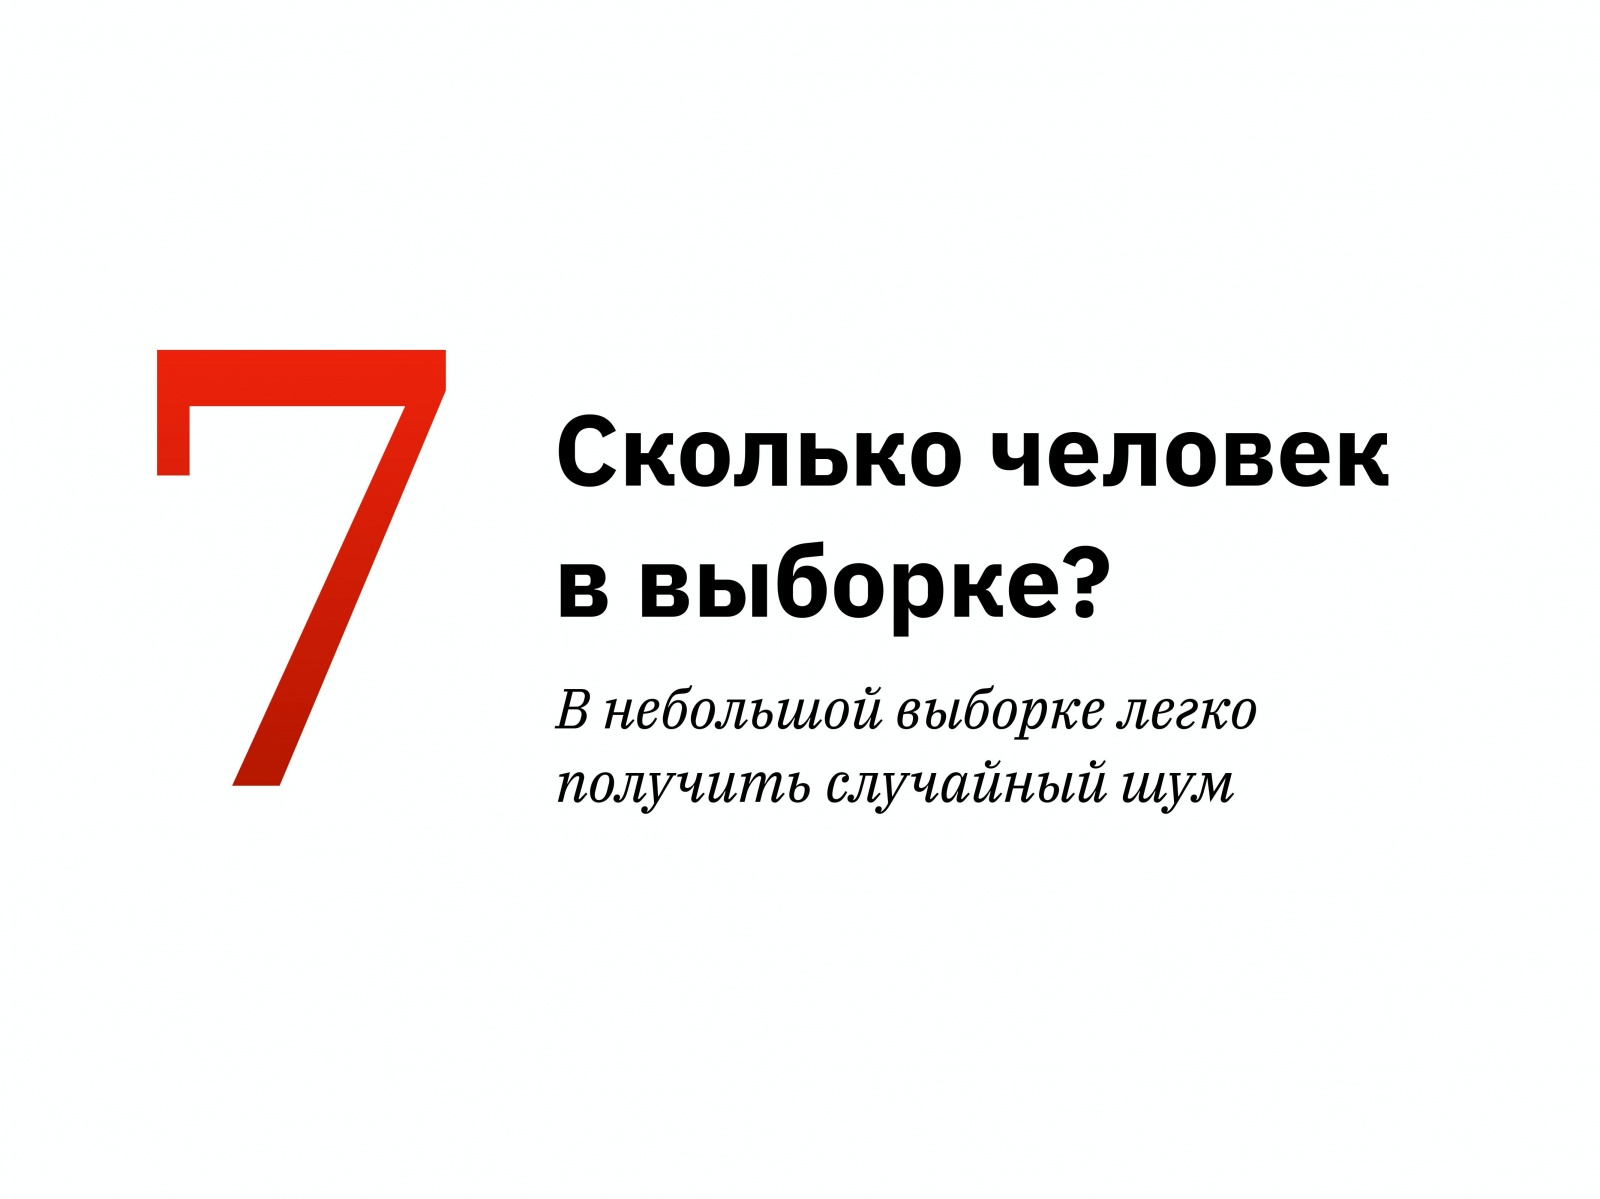 Алексей Каптерев: Критическое мышление 101 (часть 2) - 84